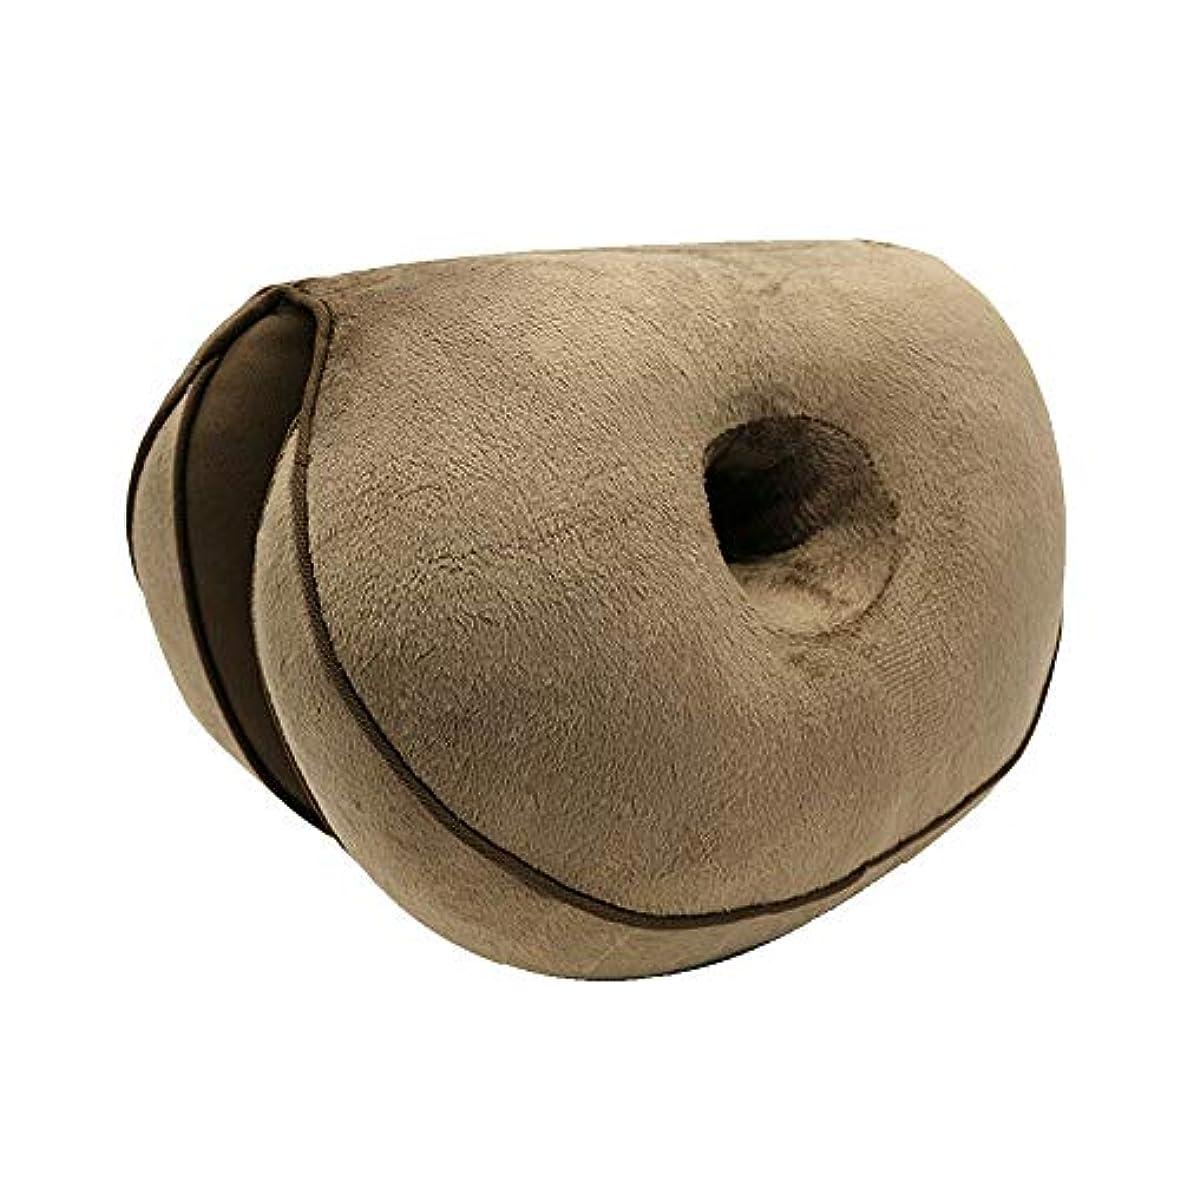 サミュエルスワップ引き受けるLIFE 新デュアルシートクッション低反発ラテックスオフィスチェアバックシートクッション快適な臀部マットパッド枕旅行枕女性女の子 クッション 椅子